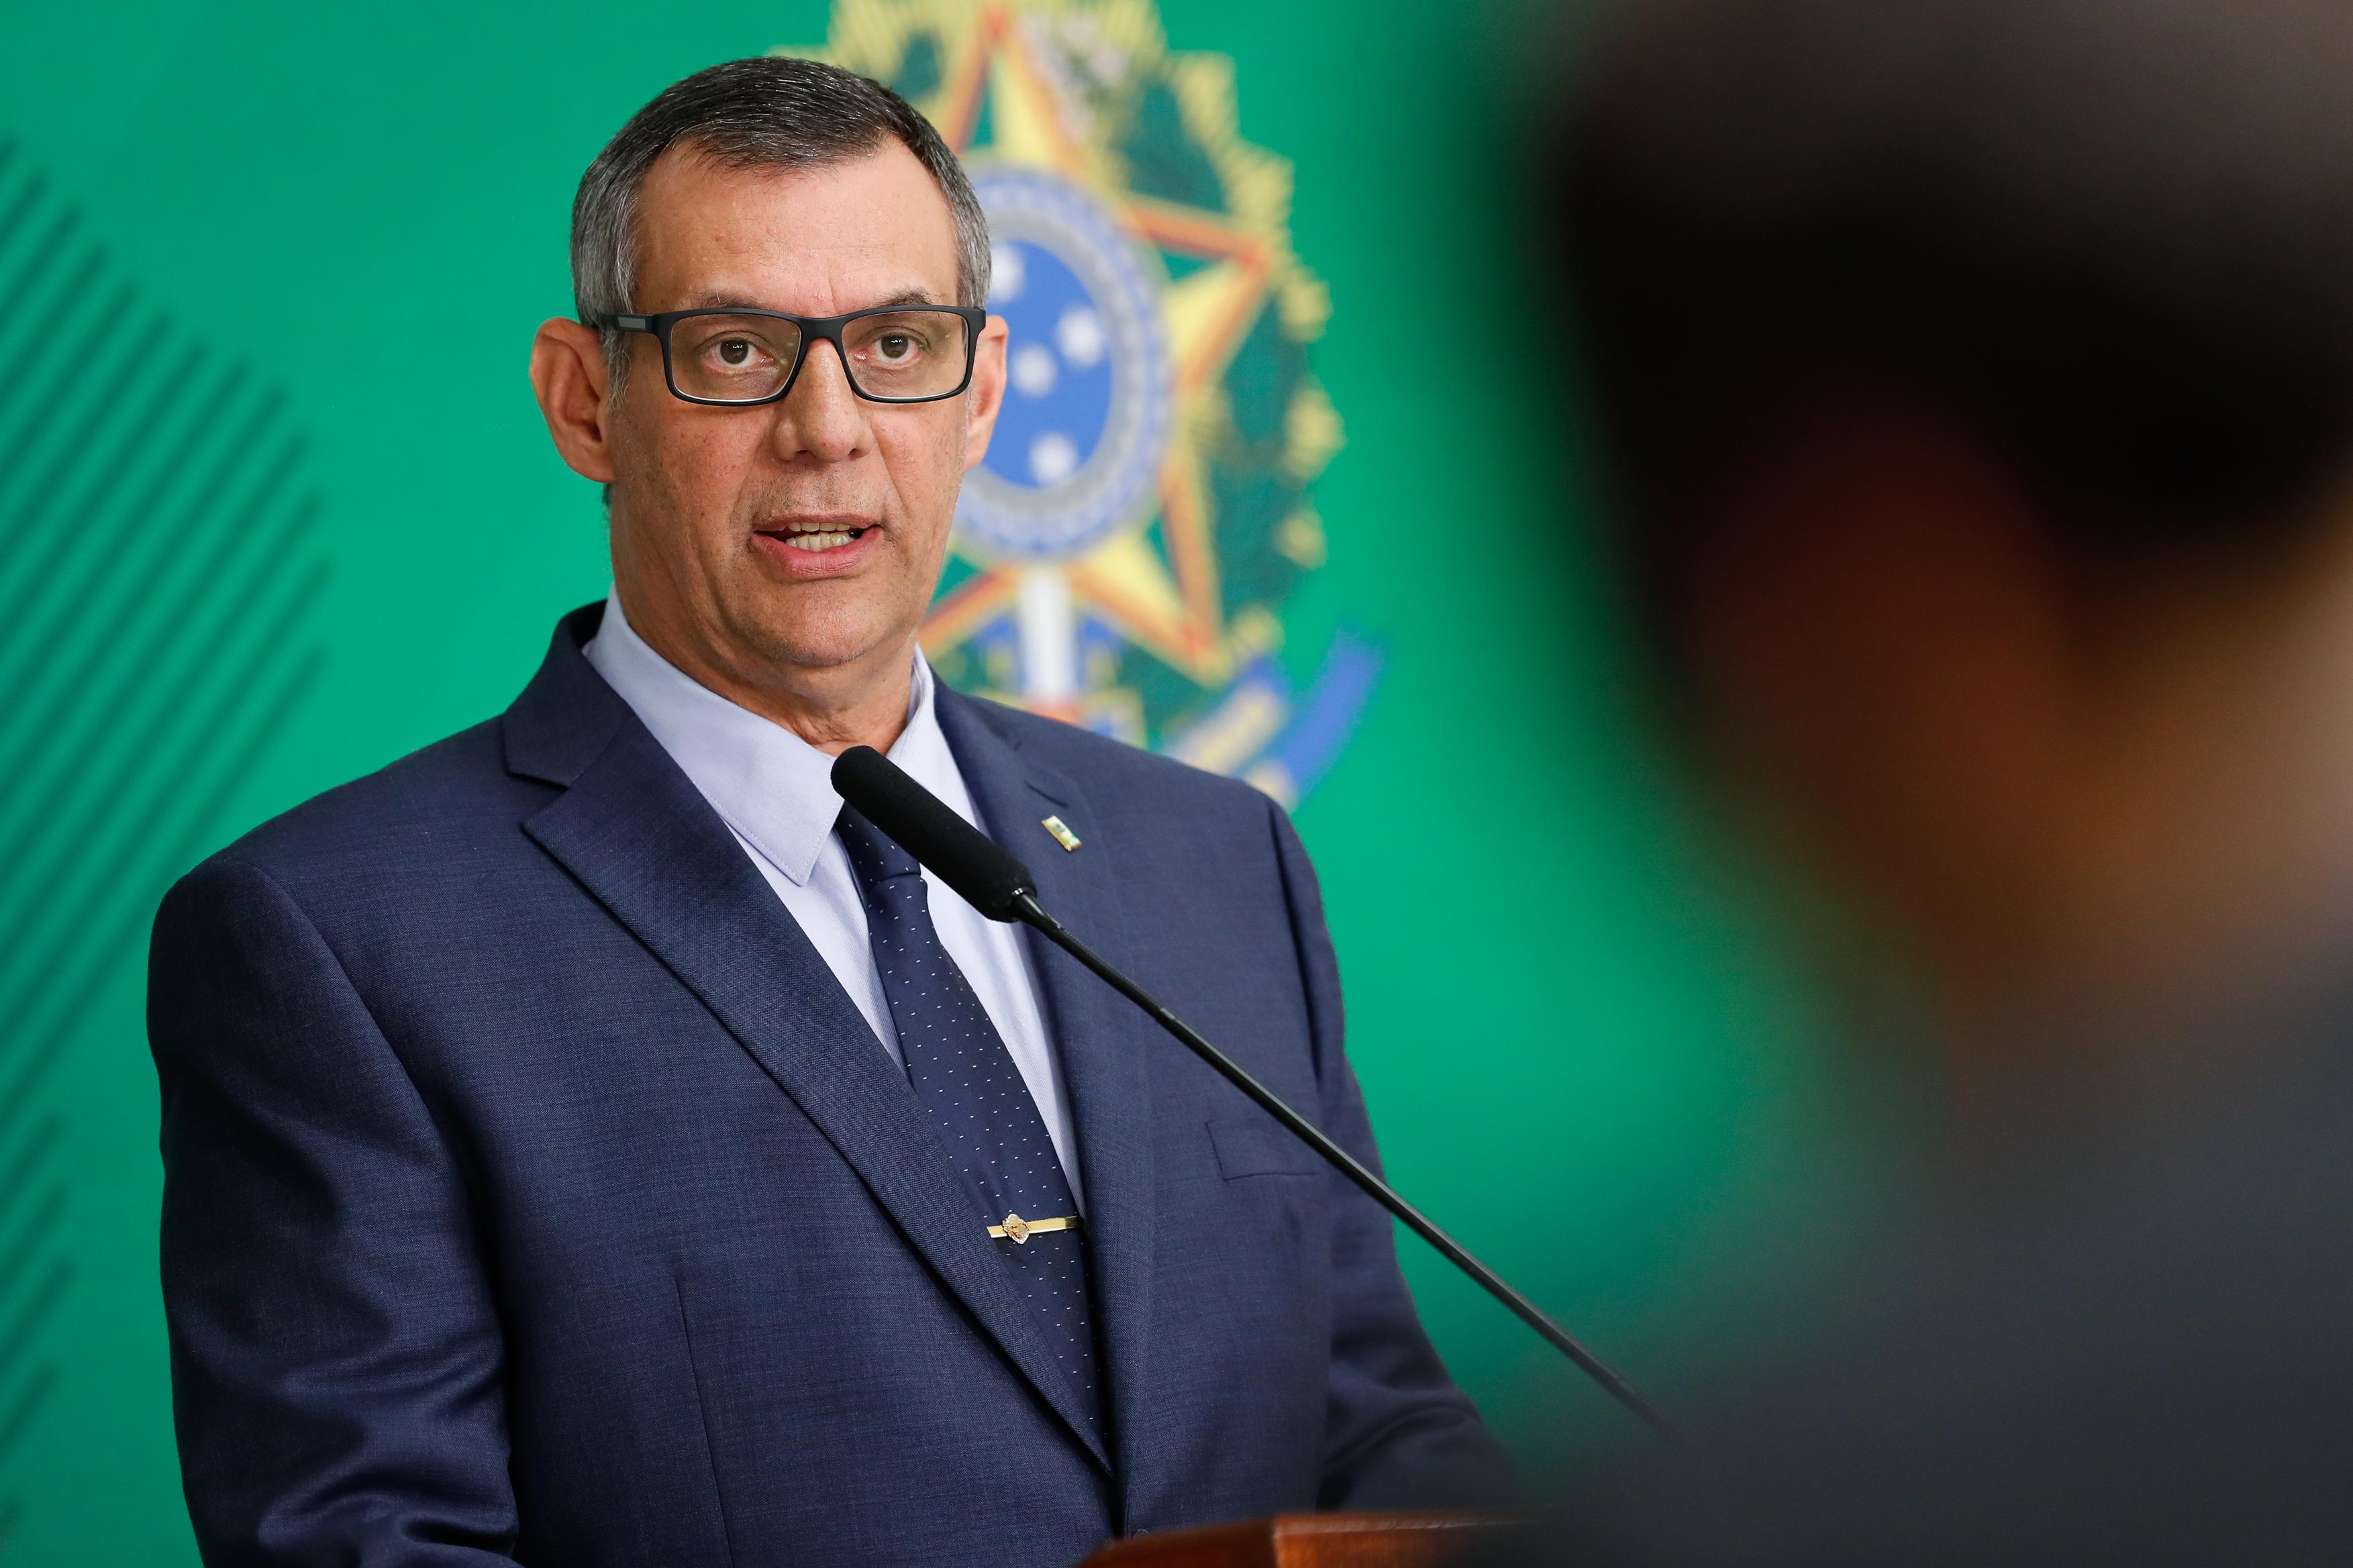 IMAGEM: Ex-porta-voz diz que falta 'amadurecimento intelectual' a Bolsonaro